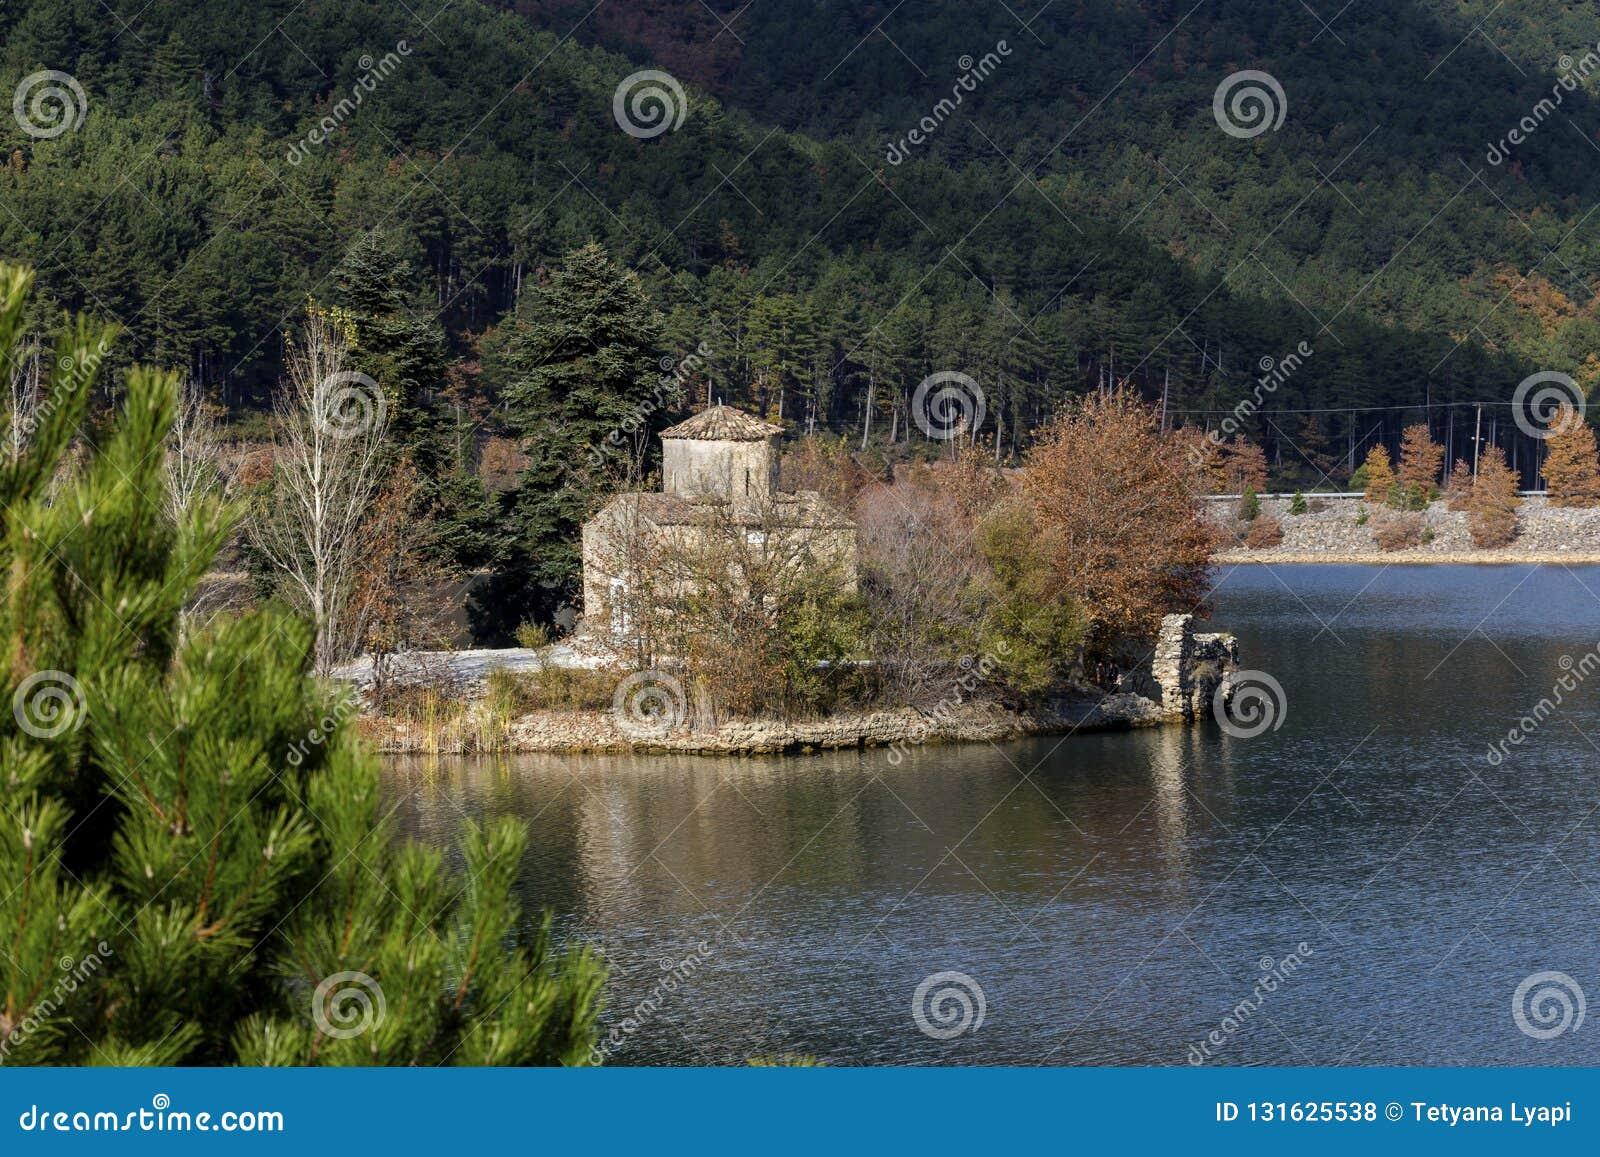 Αρχαία εκκλησία Άγιος Fanourios στη λίμνη Doxa Ελλάδα, περιοχή Corinthia, Πελοπόννησος σε ένα φθινόπωρο, ηλιόλουστη ημέρα